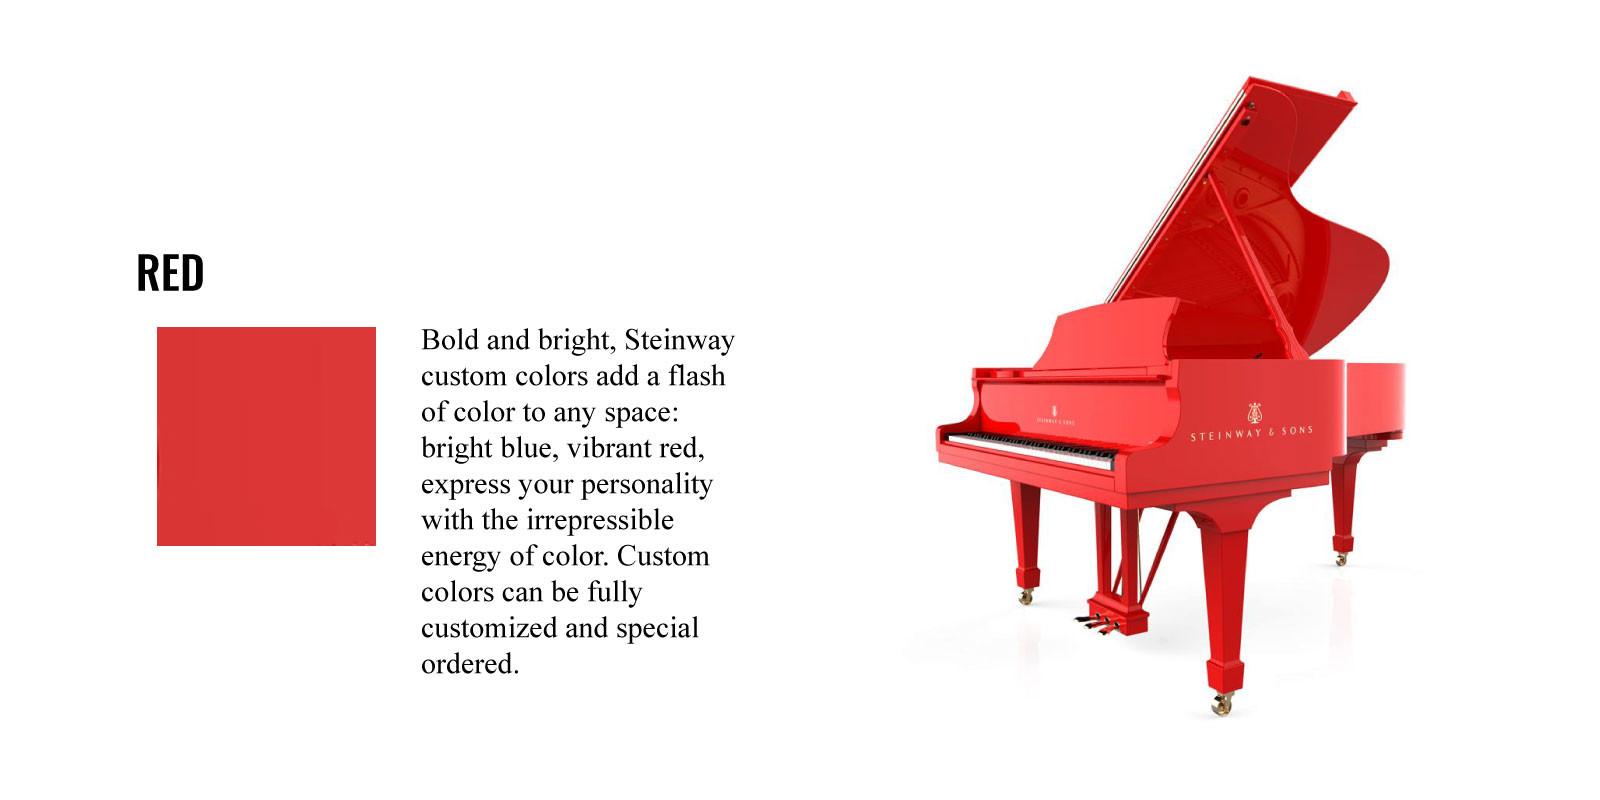 PP-Steinway-Custom-Color-Slideshow-1.jpg